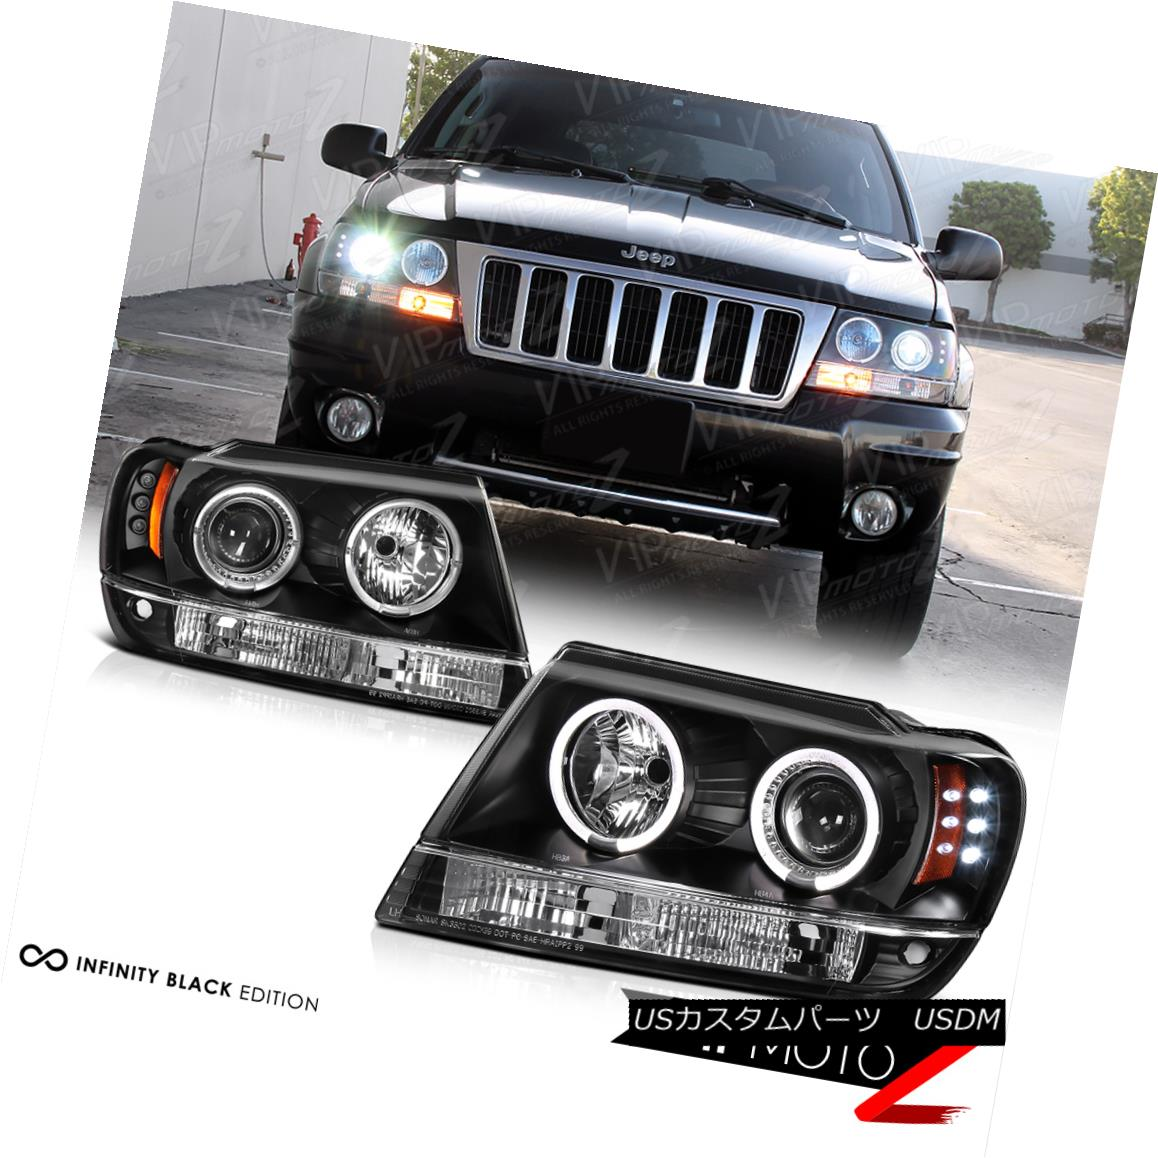 ヘッドライト 1999-2004 Jeep Grand Cherokee WJ WG Black LED Halo Angel Eye Projector Headlight 1999-2004ジープグランドチェロキーWJ WGブラックLEDハローエンジェルアイプロジェクターヘッドライト